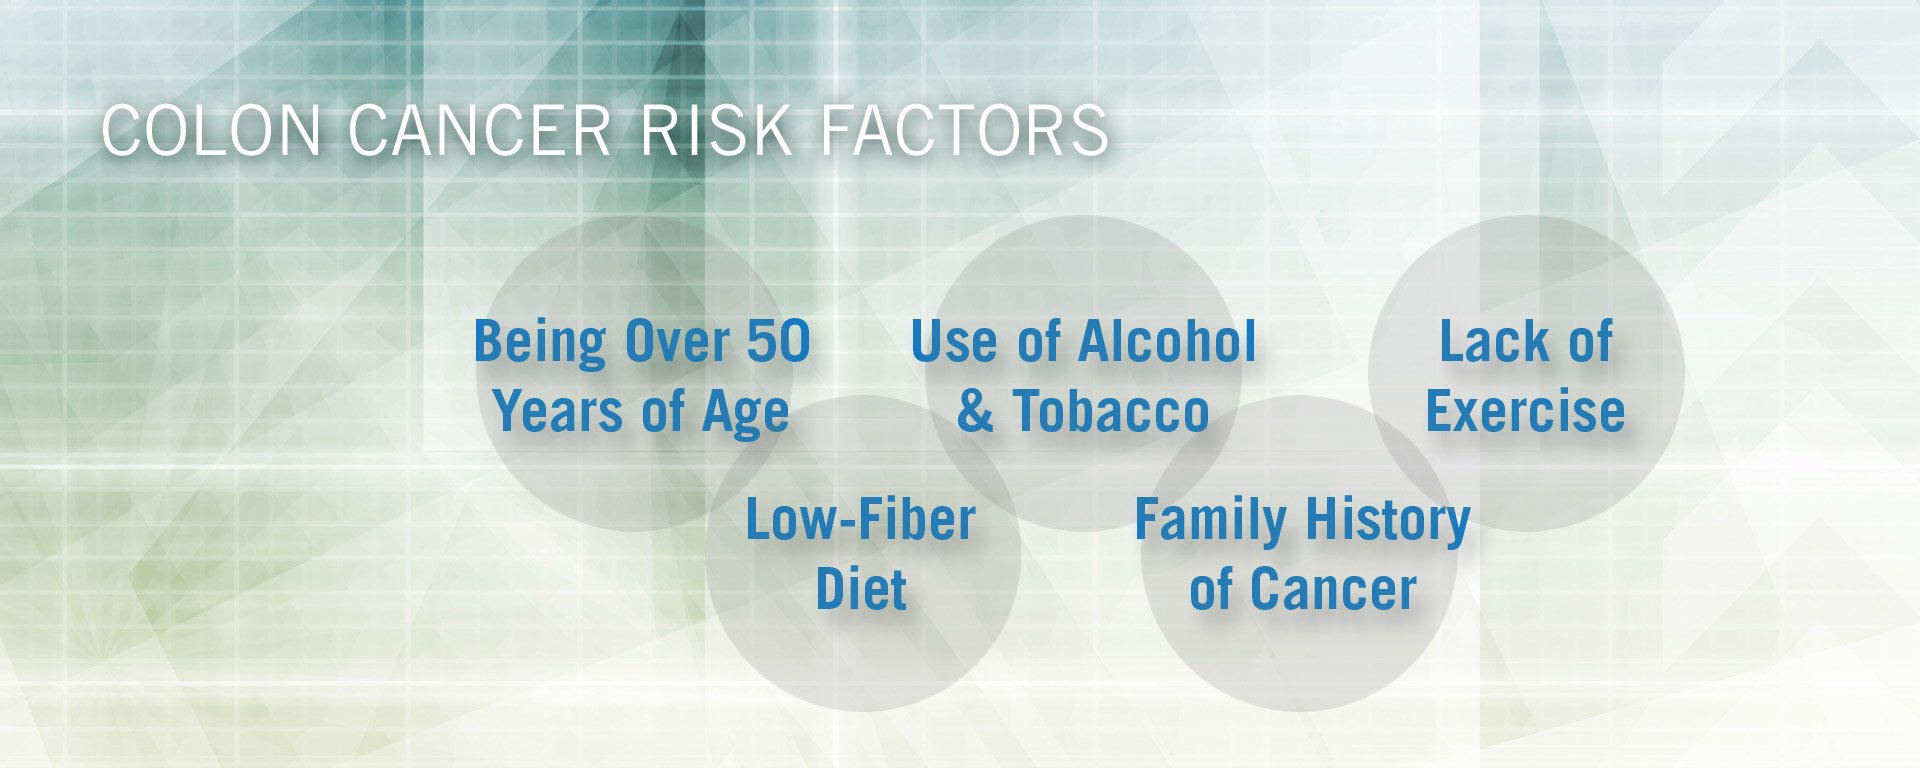 Colon Cancer Risk Factors